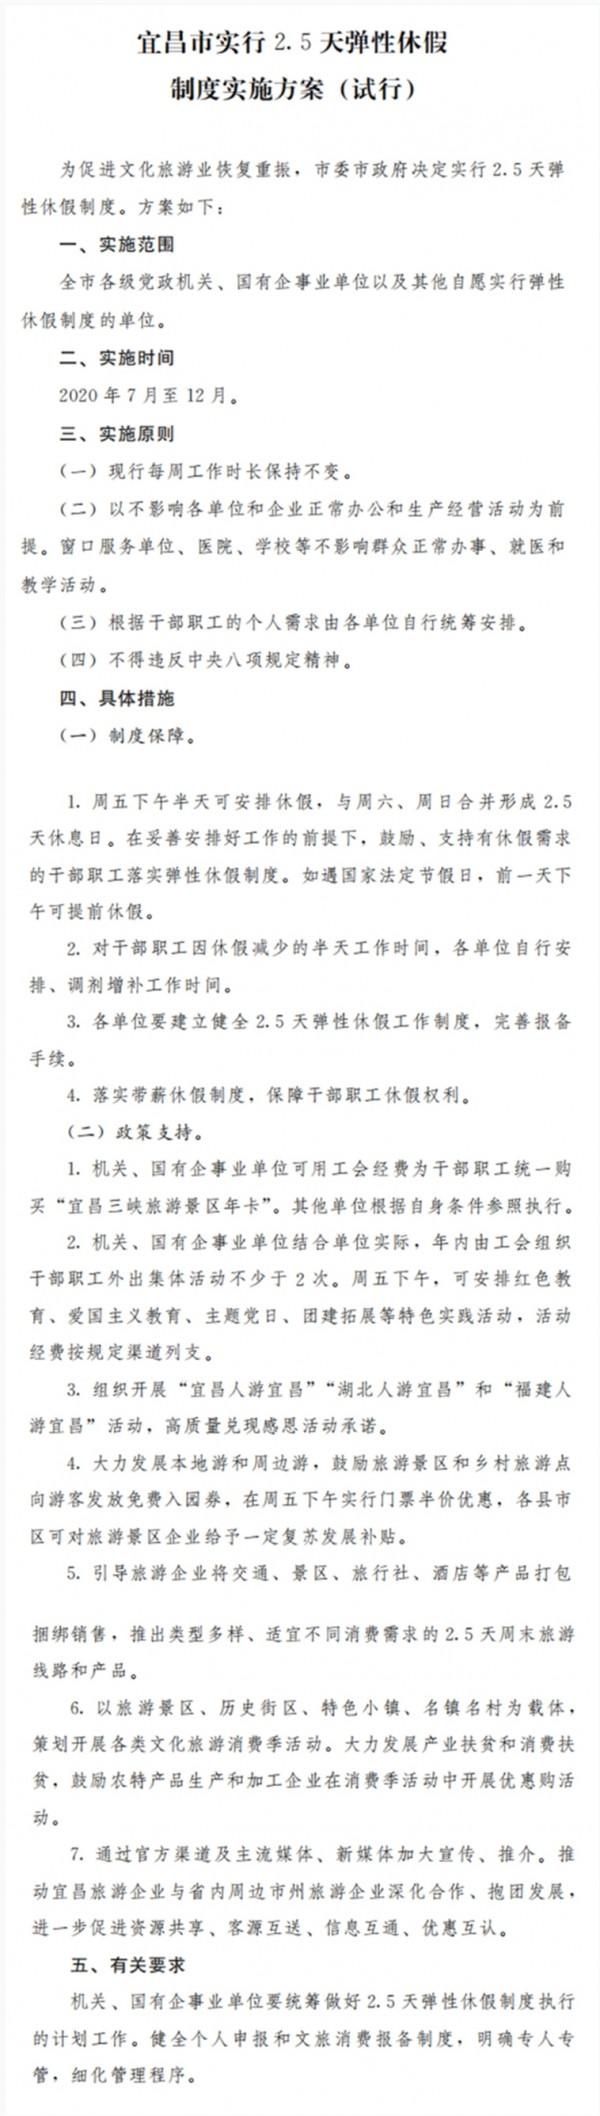 湖北宜昌:实行2.5天弹性休假制度,7月至12月试